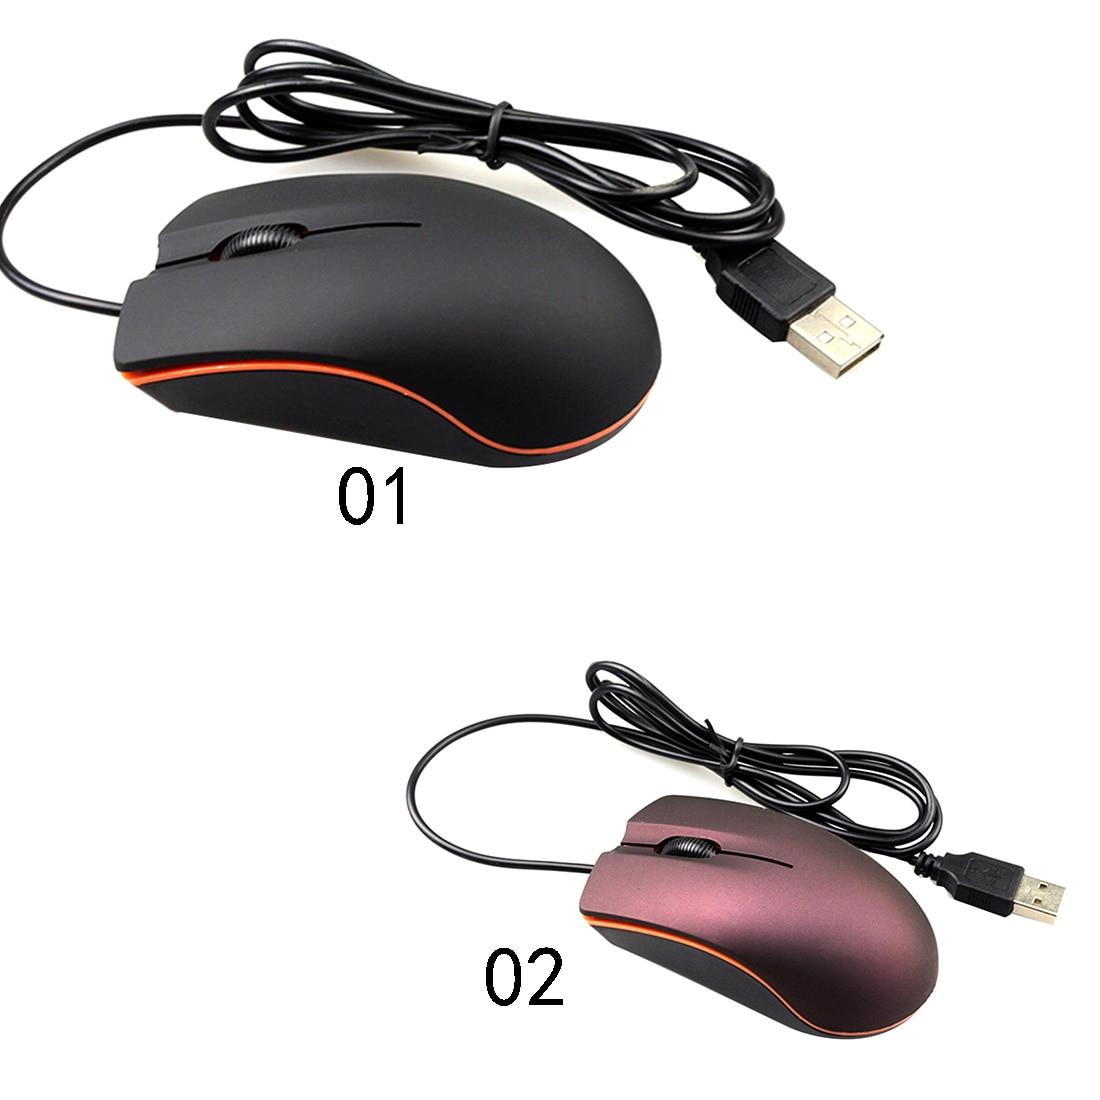 Etmakit 2017 Grind Arenaceous для Lenovo M20 Проводная Usb игровая мышь милые оптические мыши для вычислений